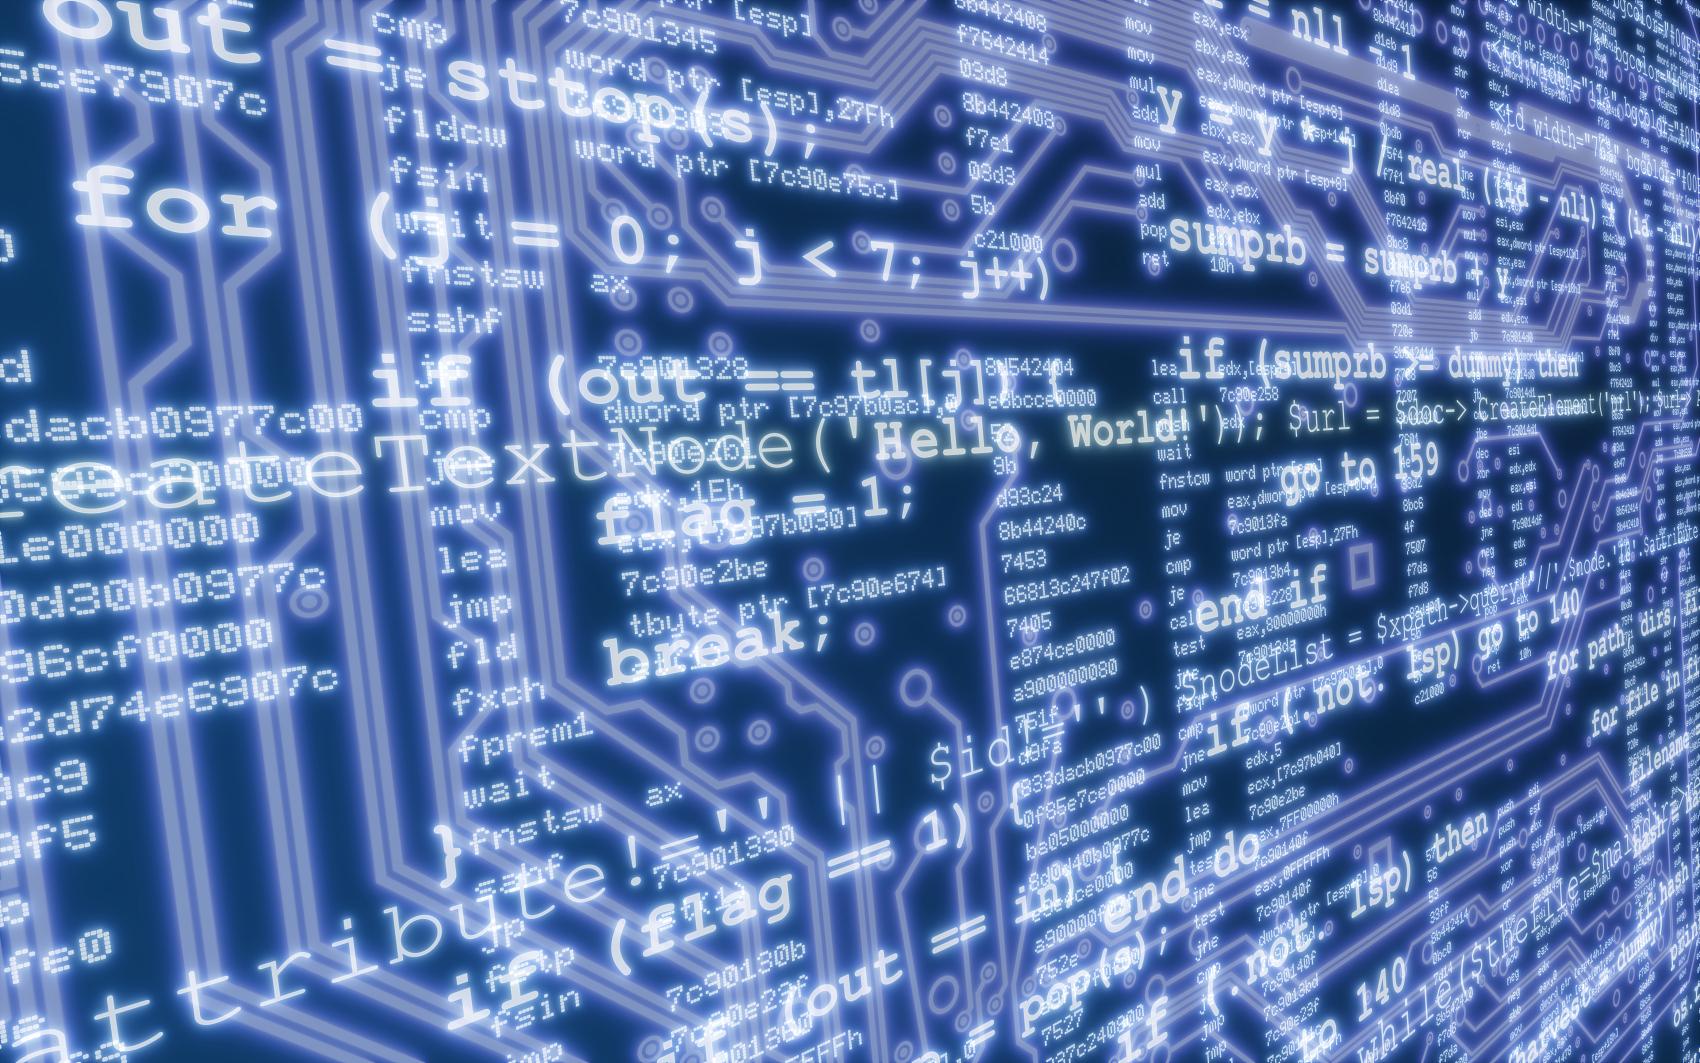 超级计算机与人工智能:大国超算,无人领航